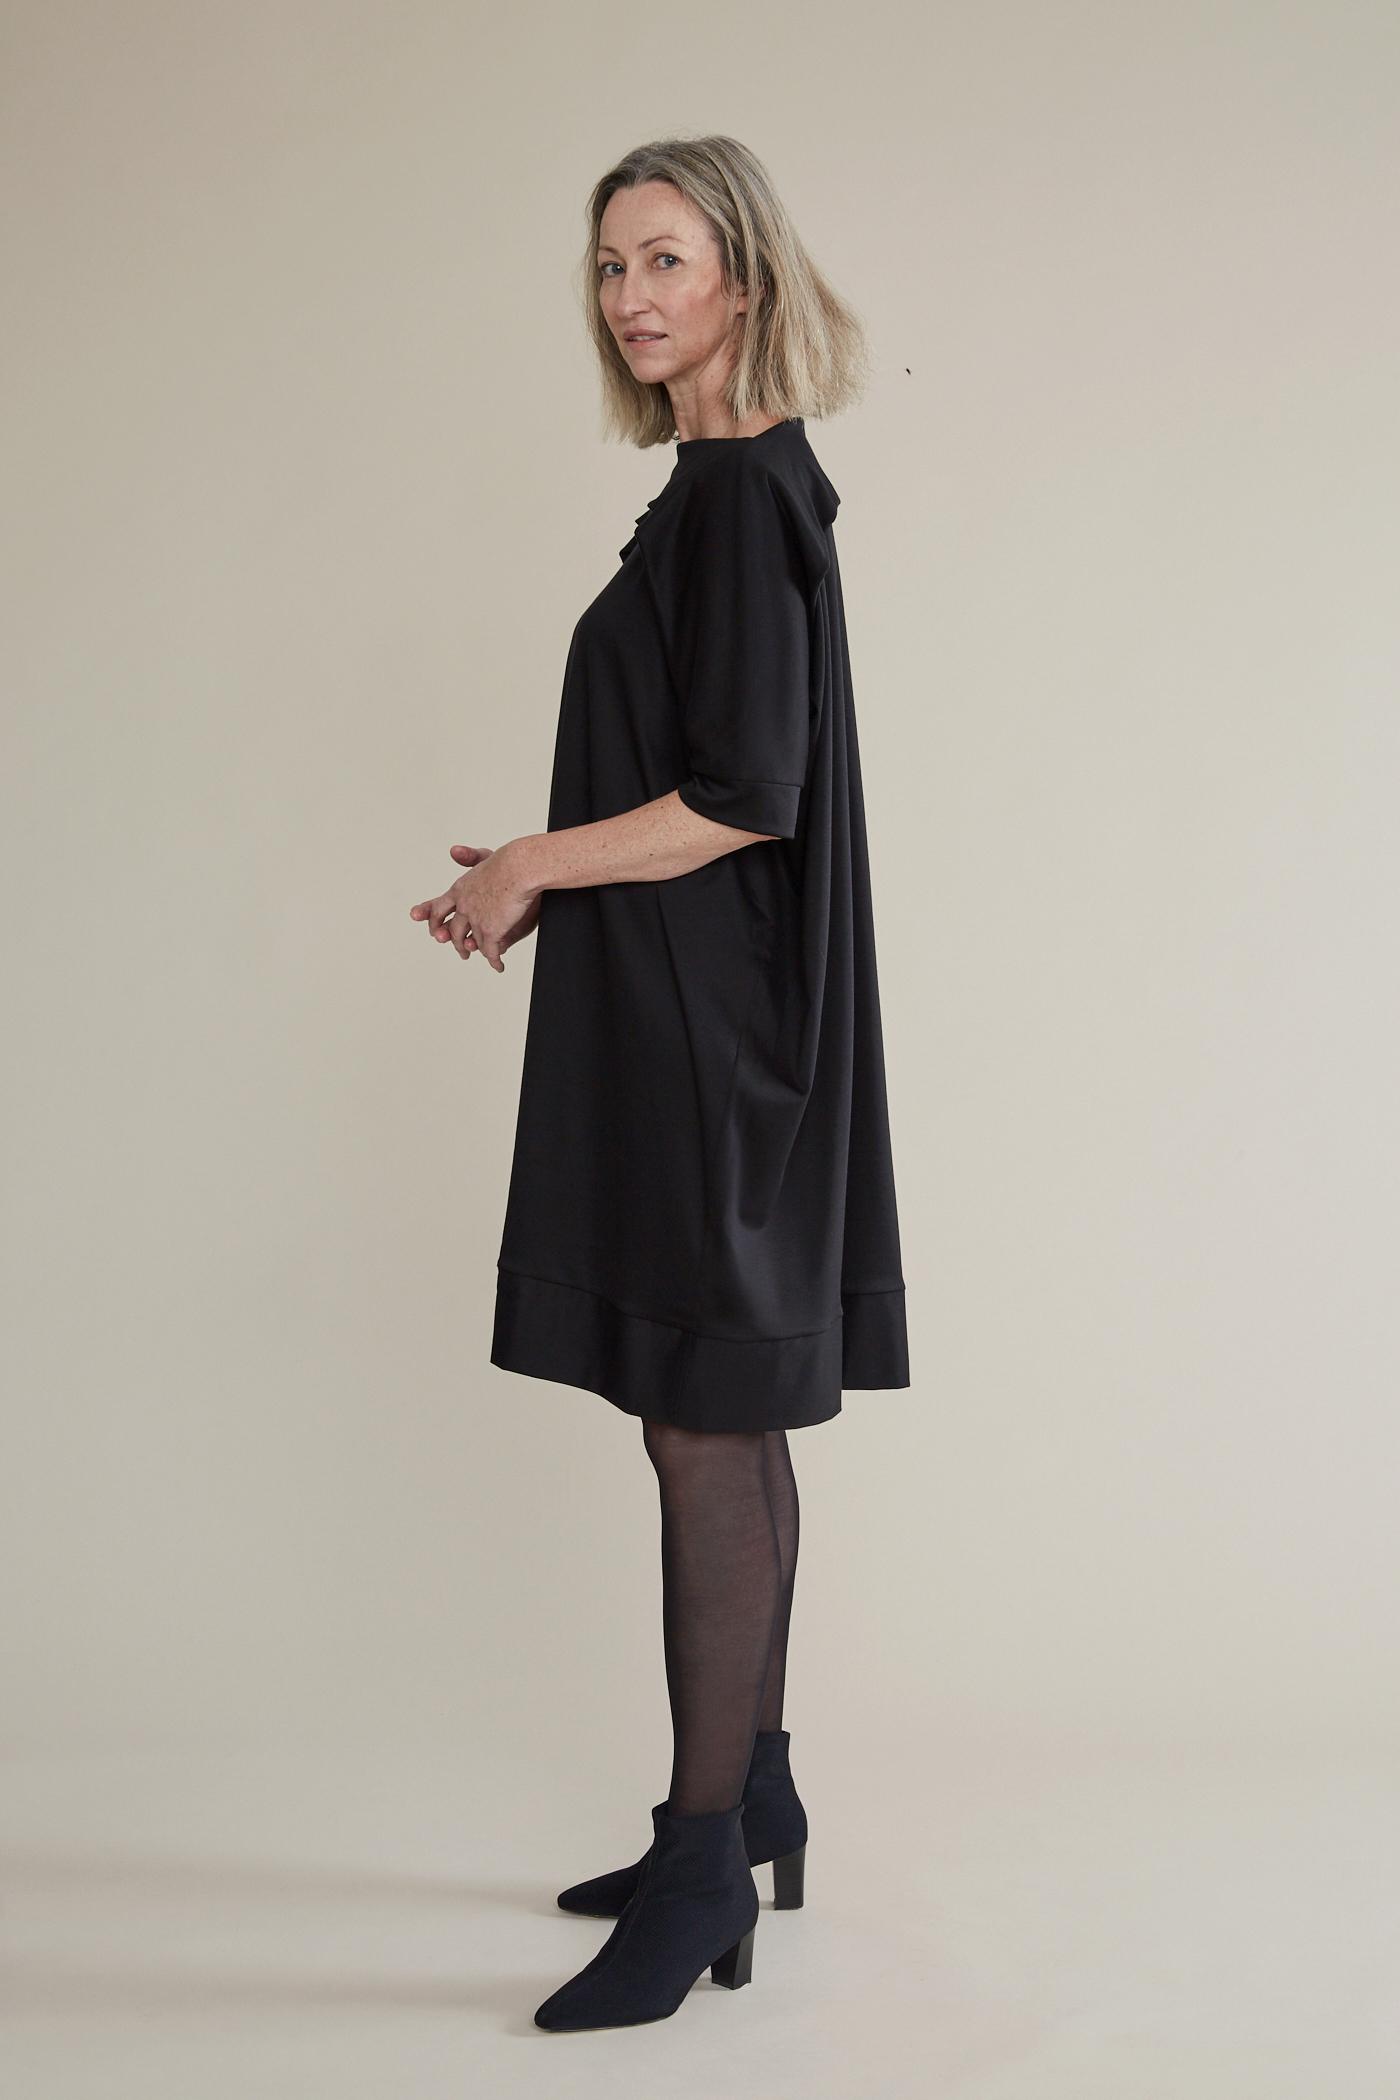 Sabine Portenier Shirtdress Laufmeter Shop